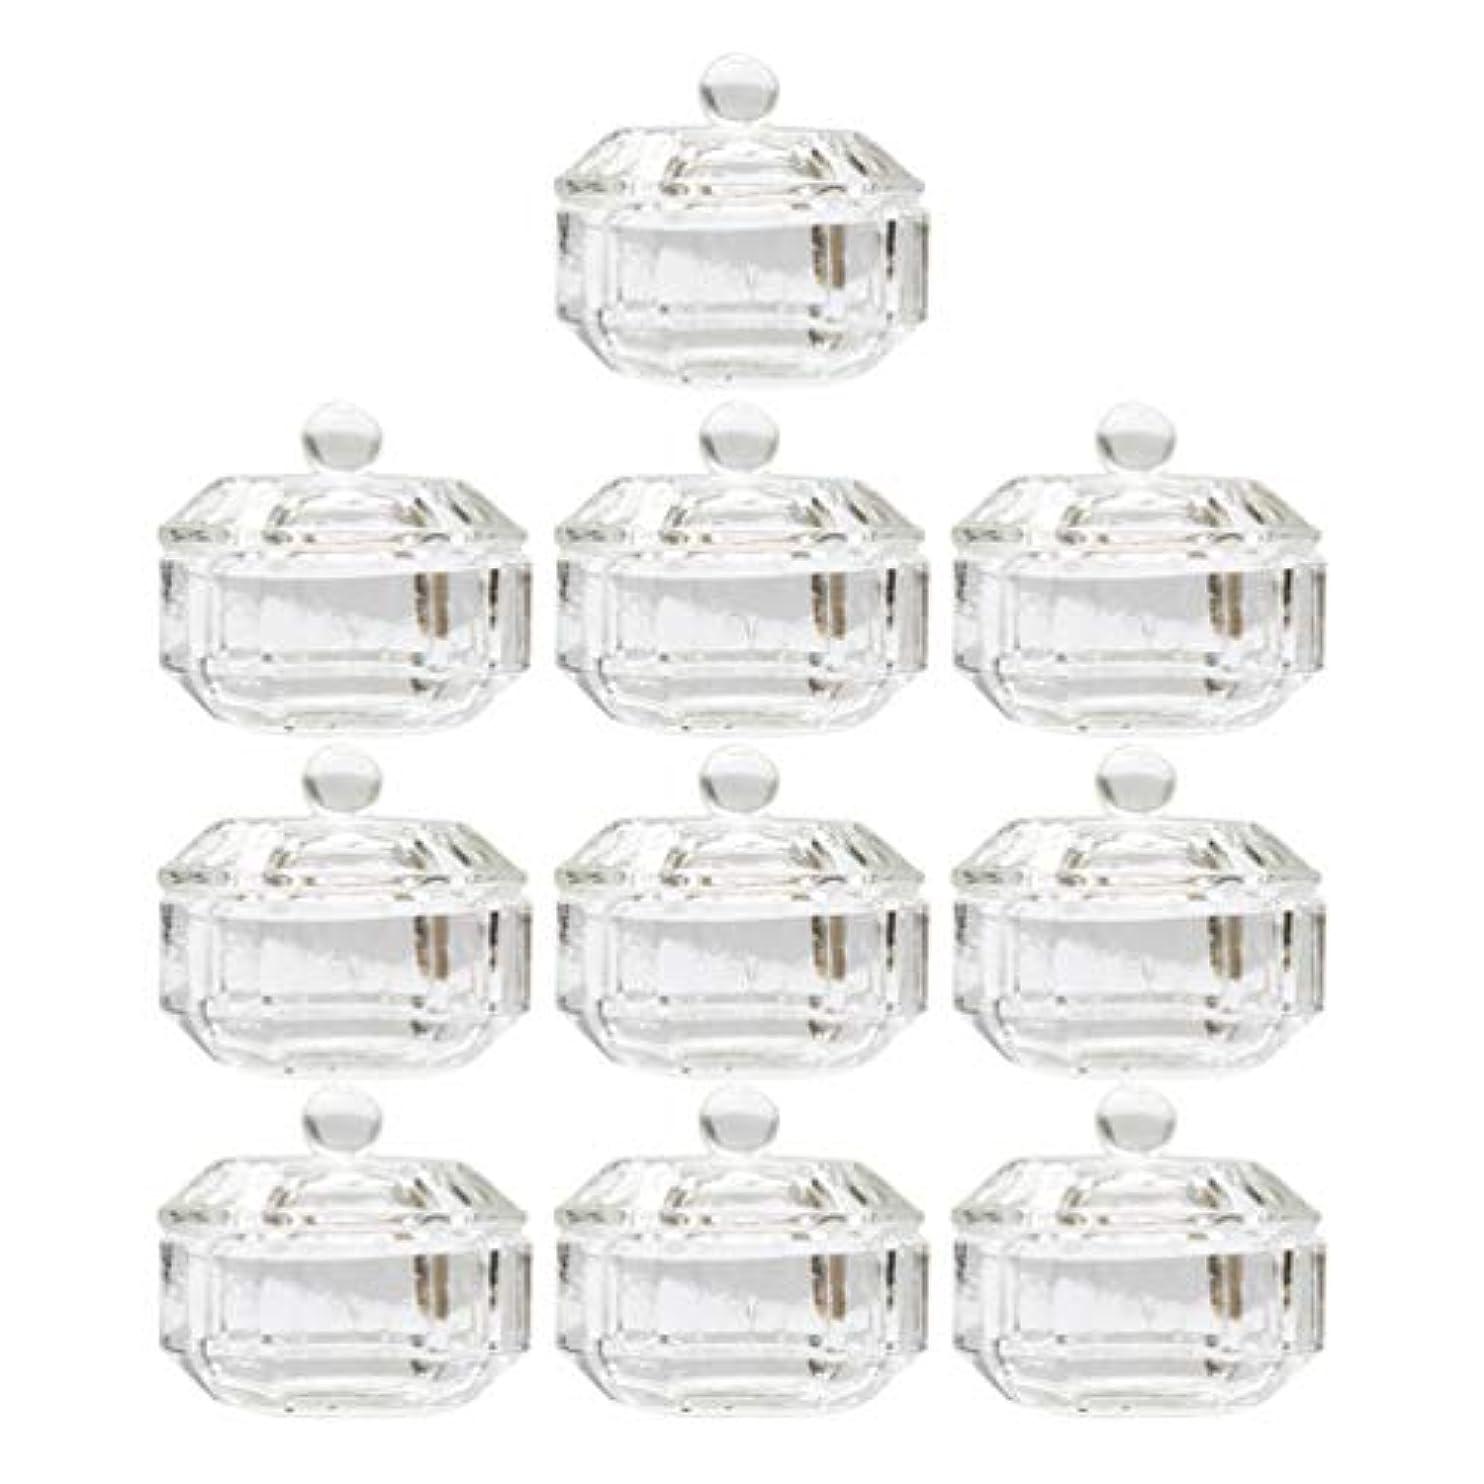 自発万歳最少Lurrose 10ピースネイルアクリル液体カップアクリル液体粉末ダッペン皿ガラスクリスタルカップガラス製品ツール用蓋容器付きネイルアート